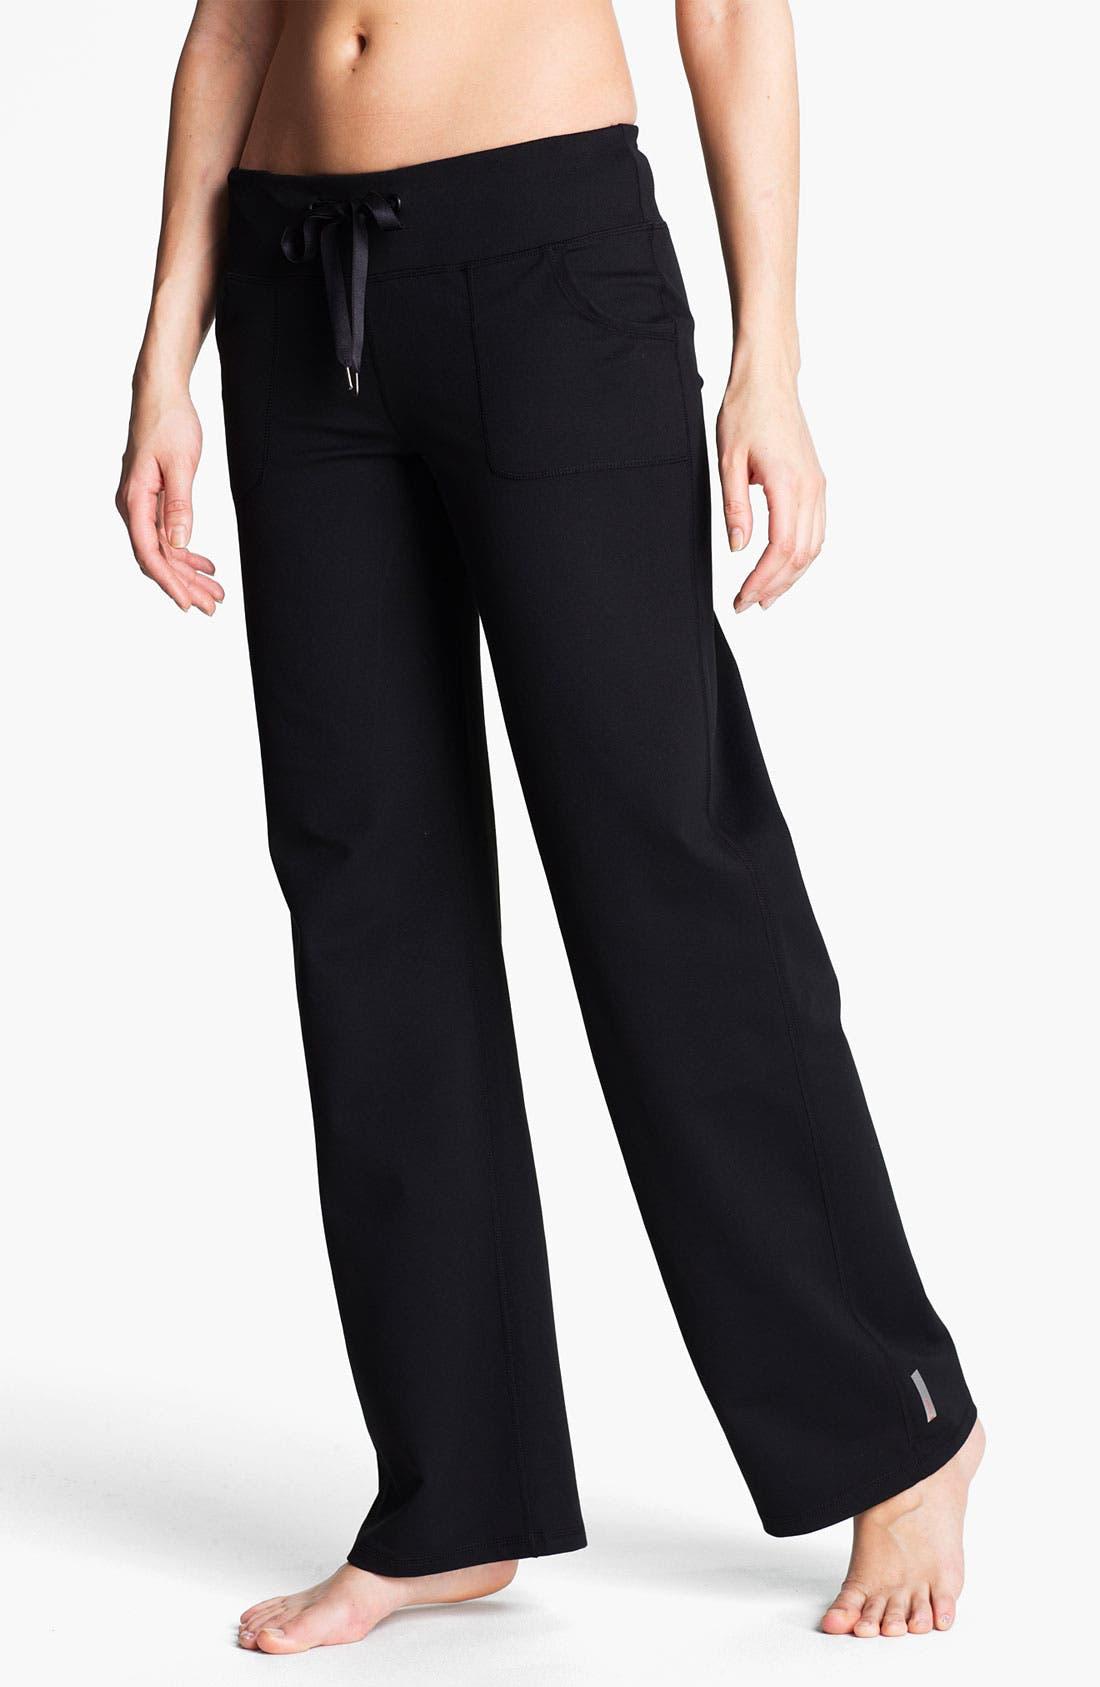 Main Image - Zella 'Soul 2' Pants